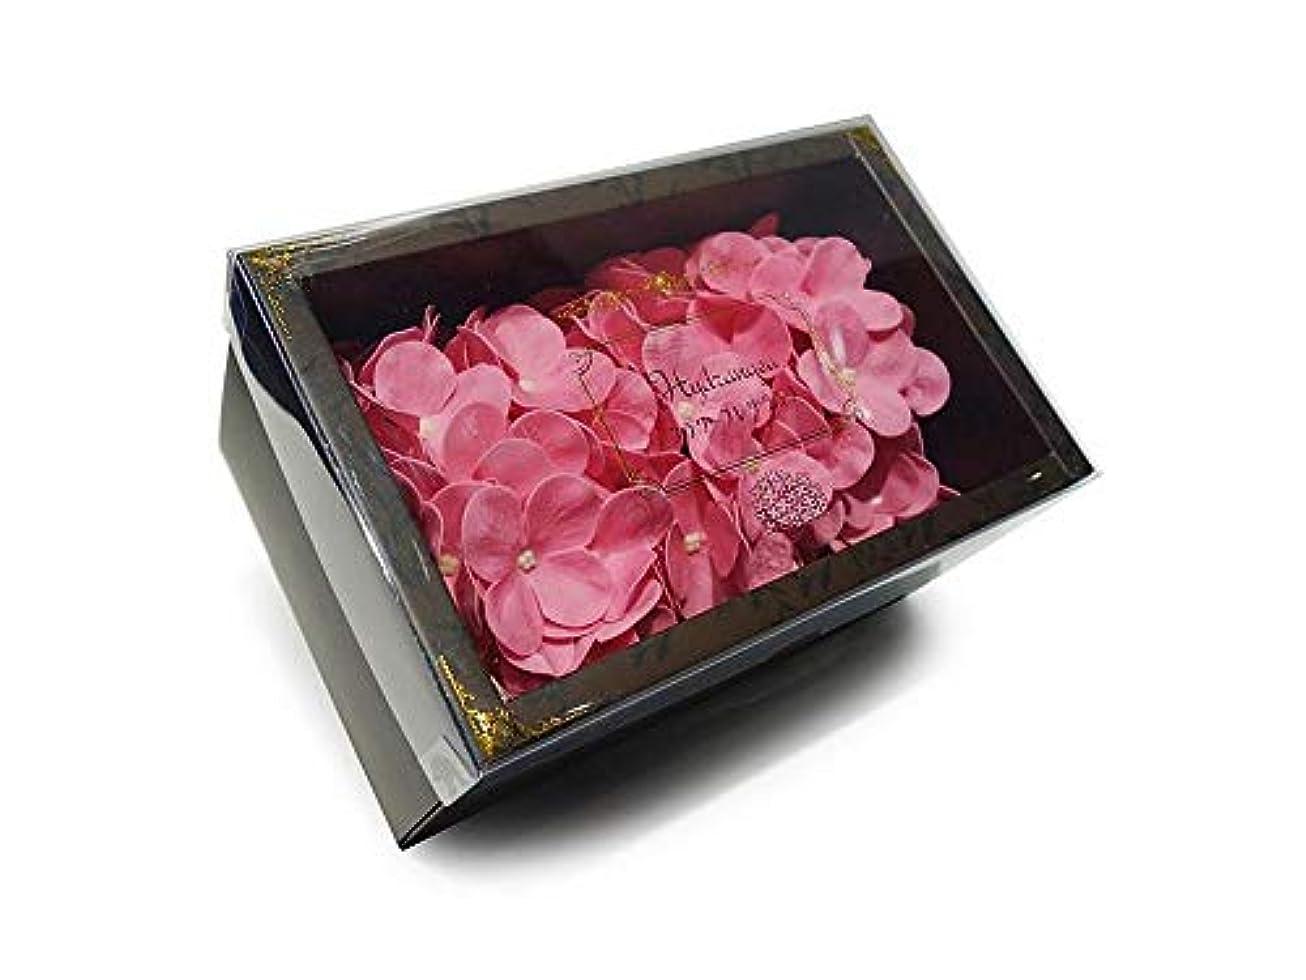 陽気な緩むブラスト花のカタチの入浴剤 アジサイ バスフレグランス フラワーフレグランス バスフラワー (ピンク)